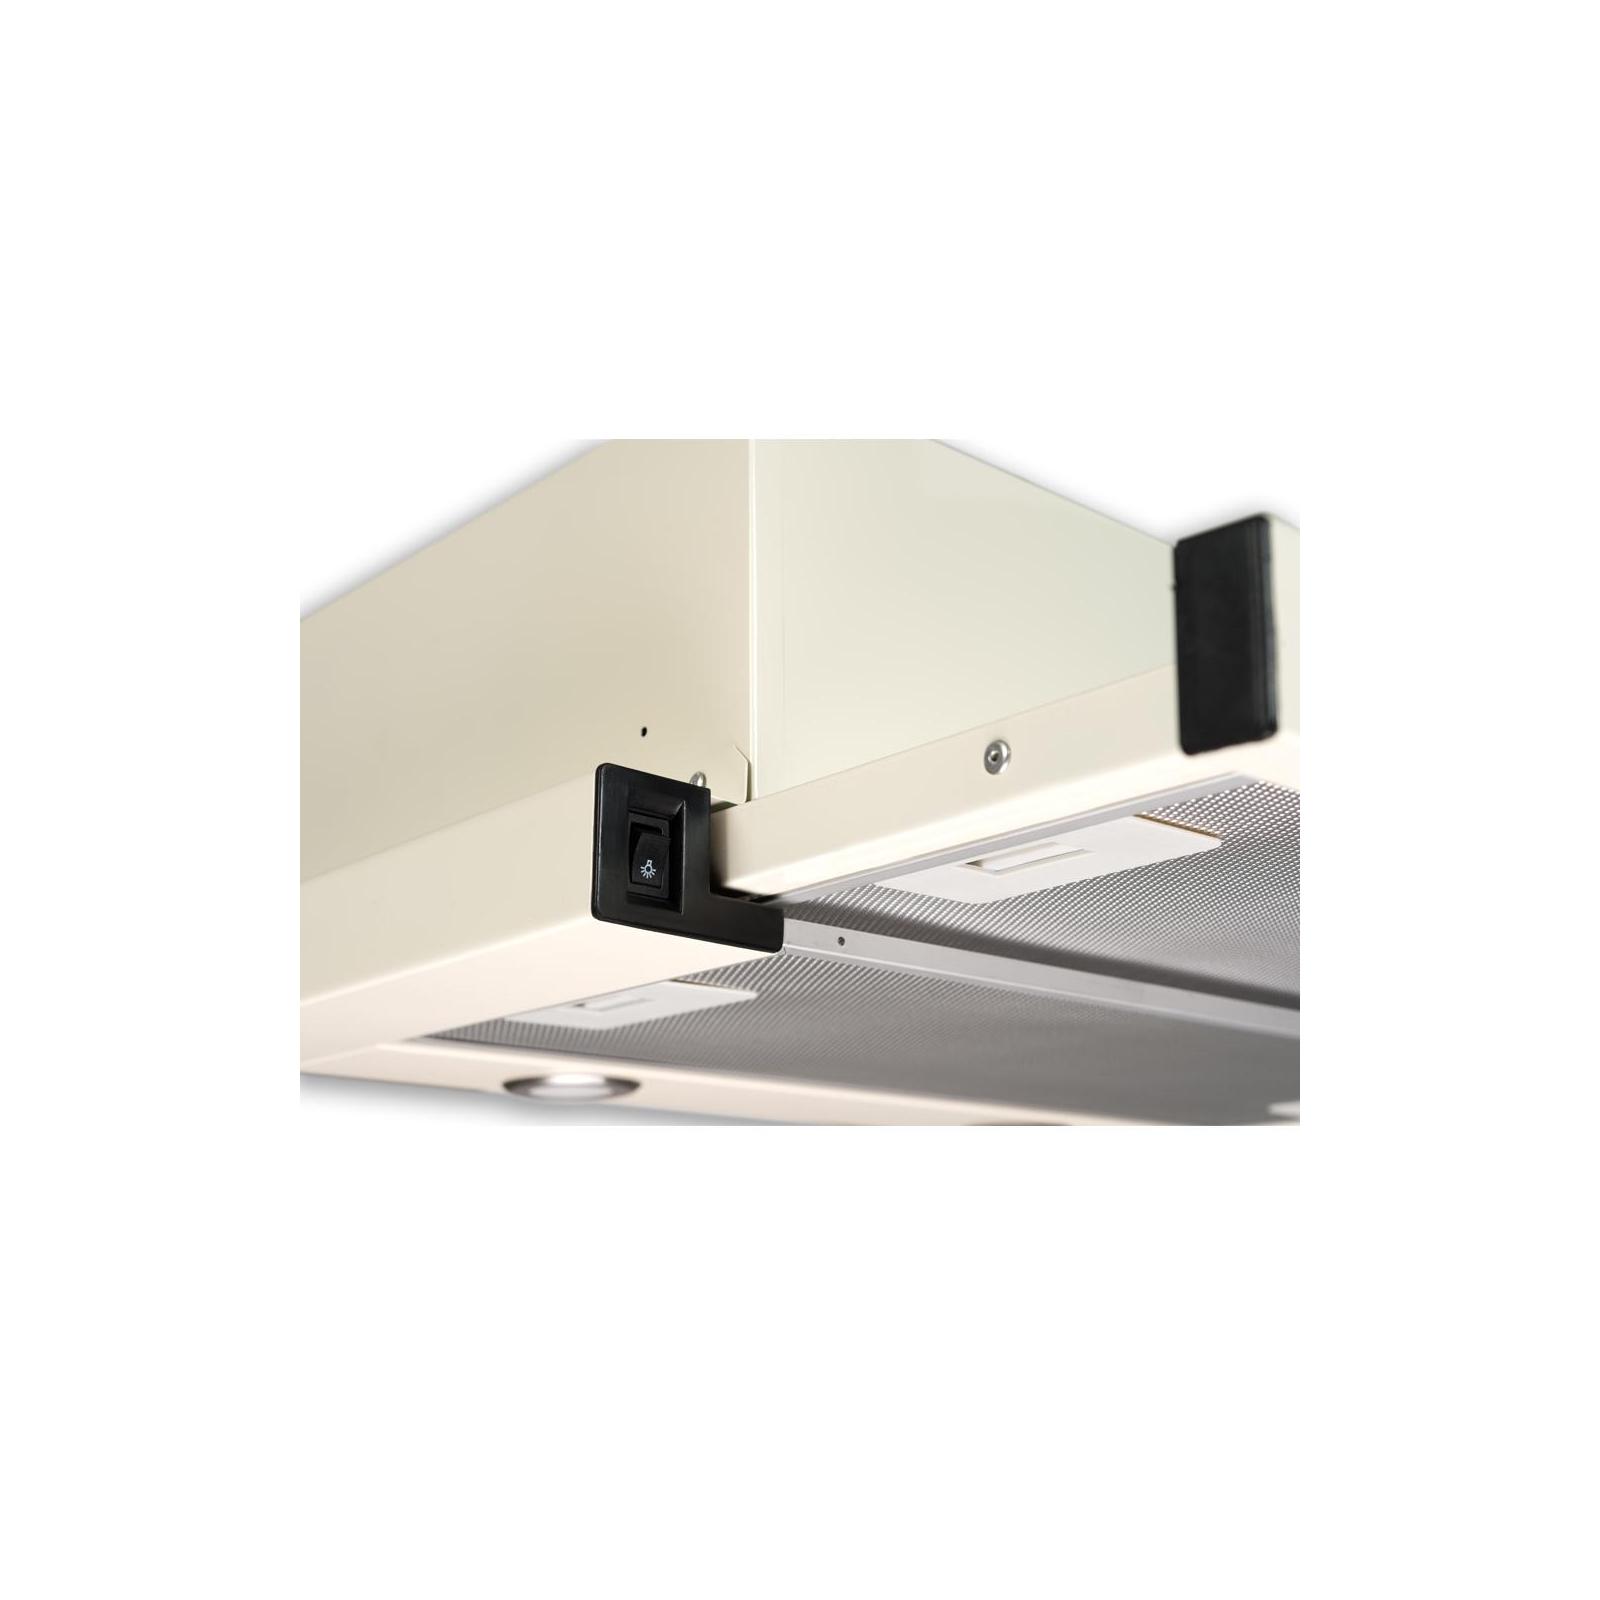 Вытяжка кухонная MINOLA HTL 6112 WH 650 LED изображение 5